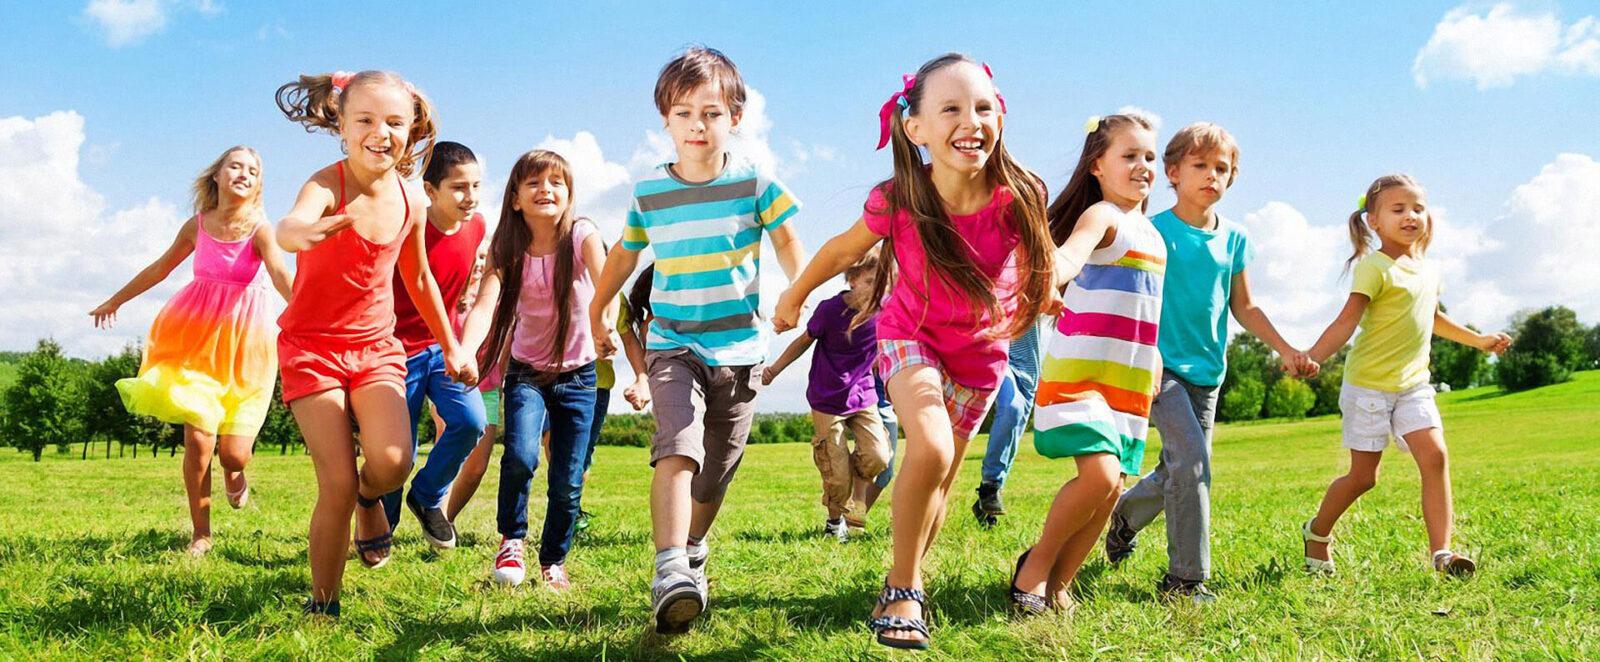 английский лагерь для детей